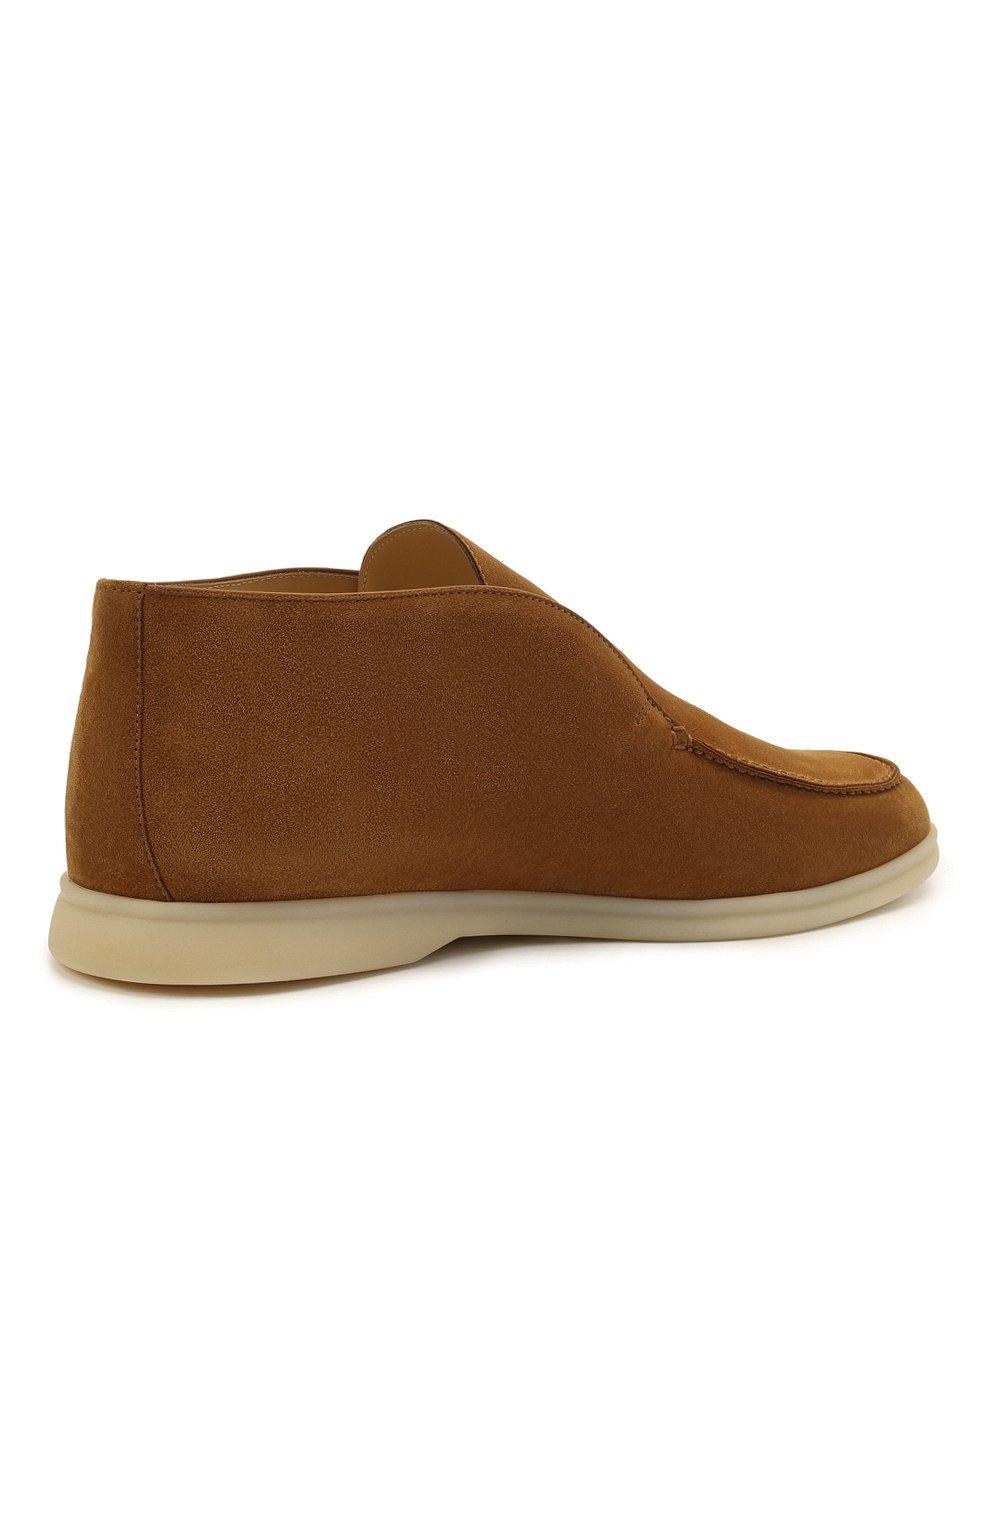 Мужские замшевые ботинки open walk LORO PIANA светло-коричневого цвета, арт. FAB4368 | Фото 5 (Мужское Кросс-КТ: Ботинки-обувь; Материал внутренний: Натуральная кожа; Подошва: Плоская; Материал внешний: Замша)